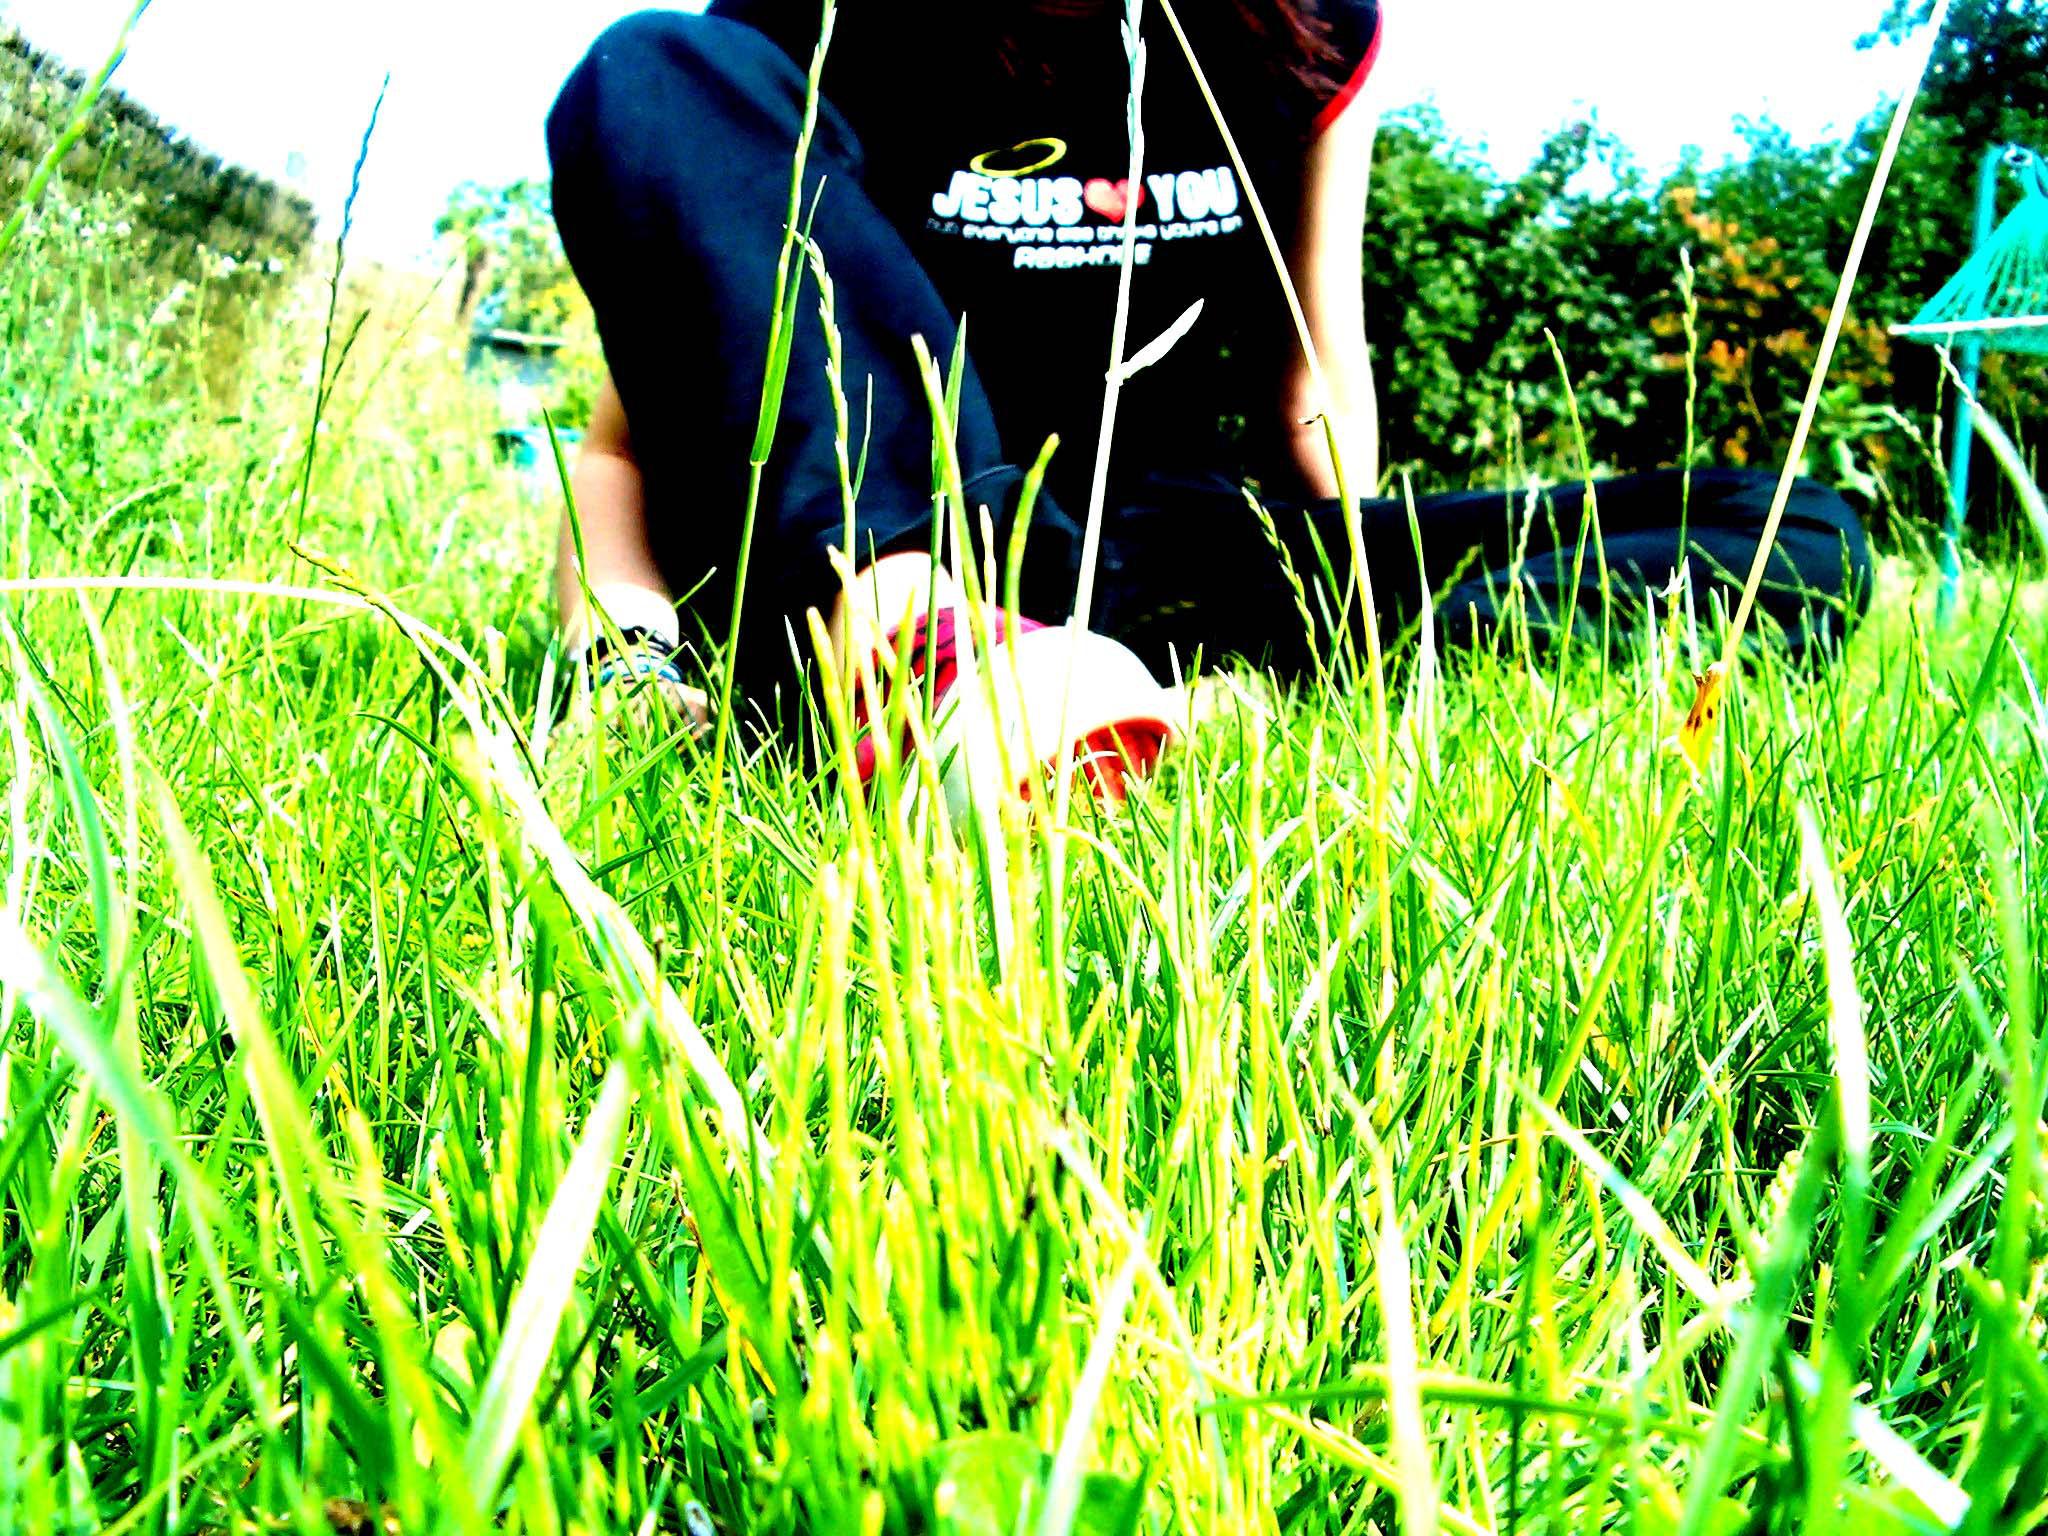 green green grass by GODDAMNGODDAMN